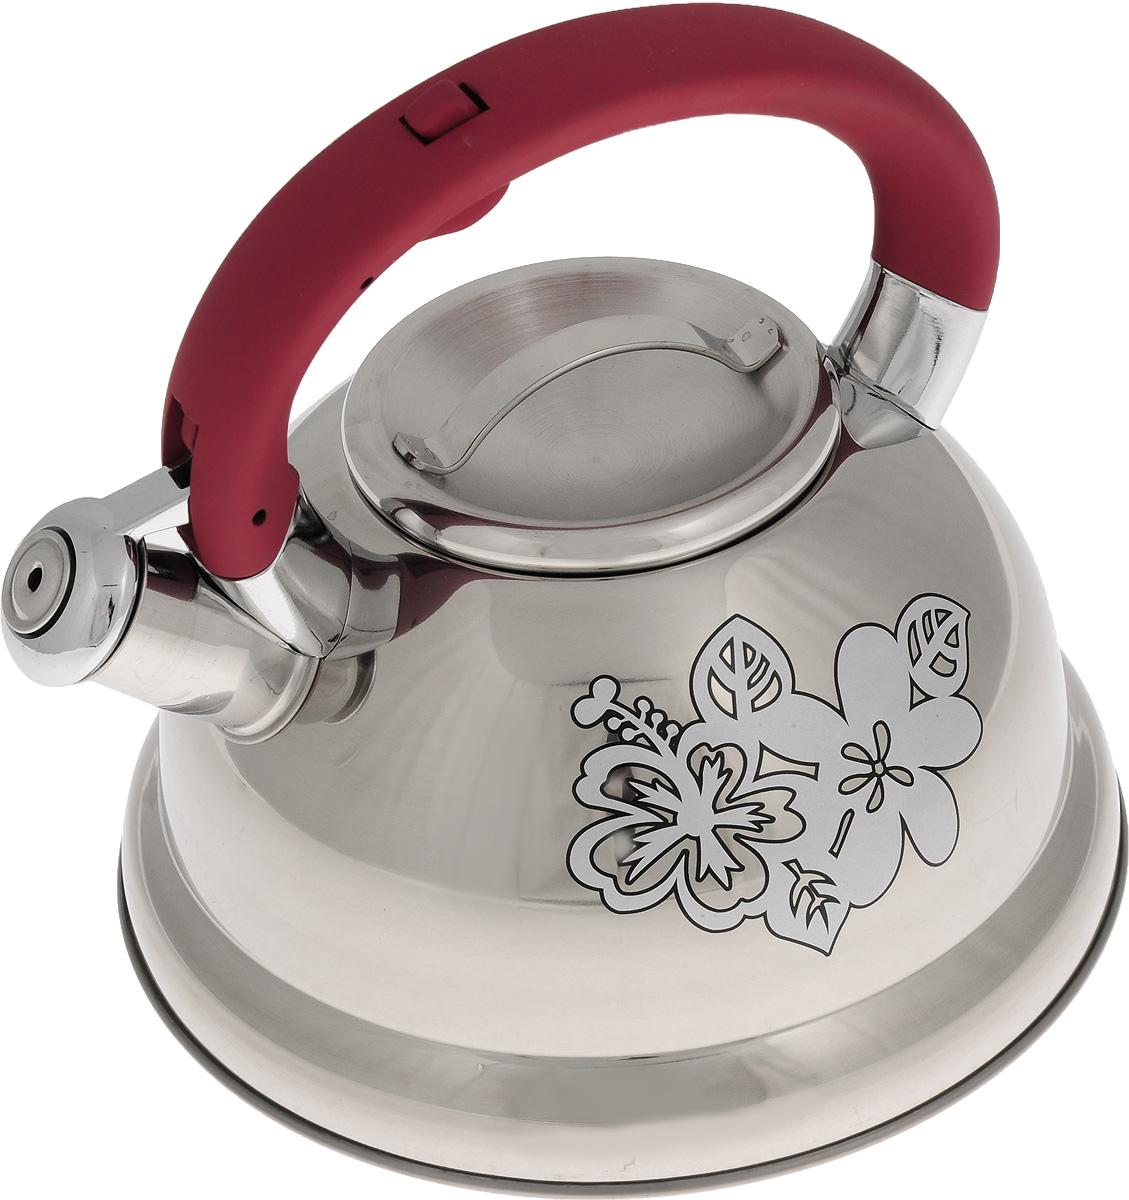 Чайник Mayer & Boch, со свистком, цвет: стальной, амарант, 2,6 л. 22787VT-1520(SR)Чайник Mayer & Boch выполнен из высококачественной нержавеющей стали, что обеспечивает долговечность использования. Изделие оформлено изящным рисунком, который одновременно является индикатором цвета - при нагревании рисунок на корпусе меняет цвет. Ручка из бакелита делает использование чайника очень удобным и безопасным. Чайник снабжен свистком и кнопкой для открывания носика. Эстетичный и функциональный чайник будет оригинально смотреться в любом интерьере. Пригоден для использования на газовых, электрических, стеклокерамических и индукционных плитах. Можно мыть в посудомоечной машине.Диаметр чайника по верхнему краю: 10 см. Высота чайника (с учетом ручки): 20 см. Высота чайника (без учета ручки): 11,3 см.